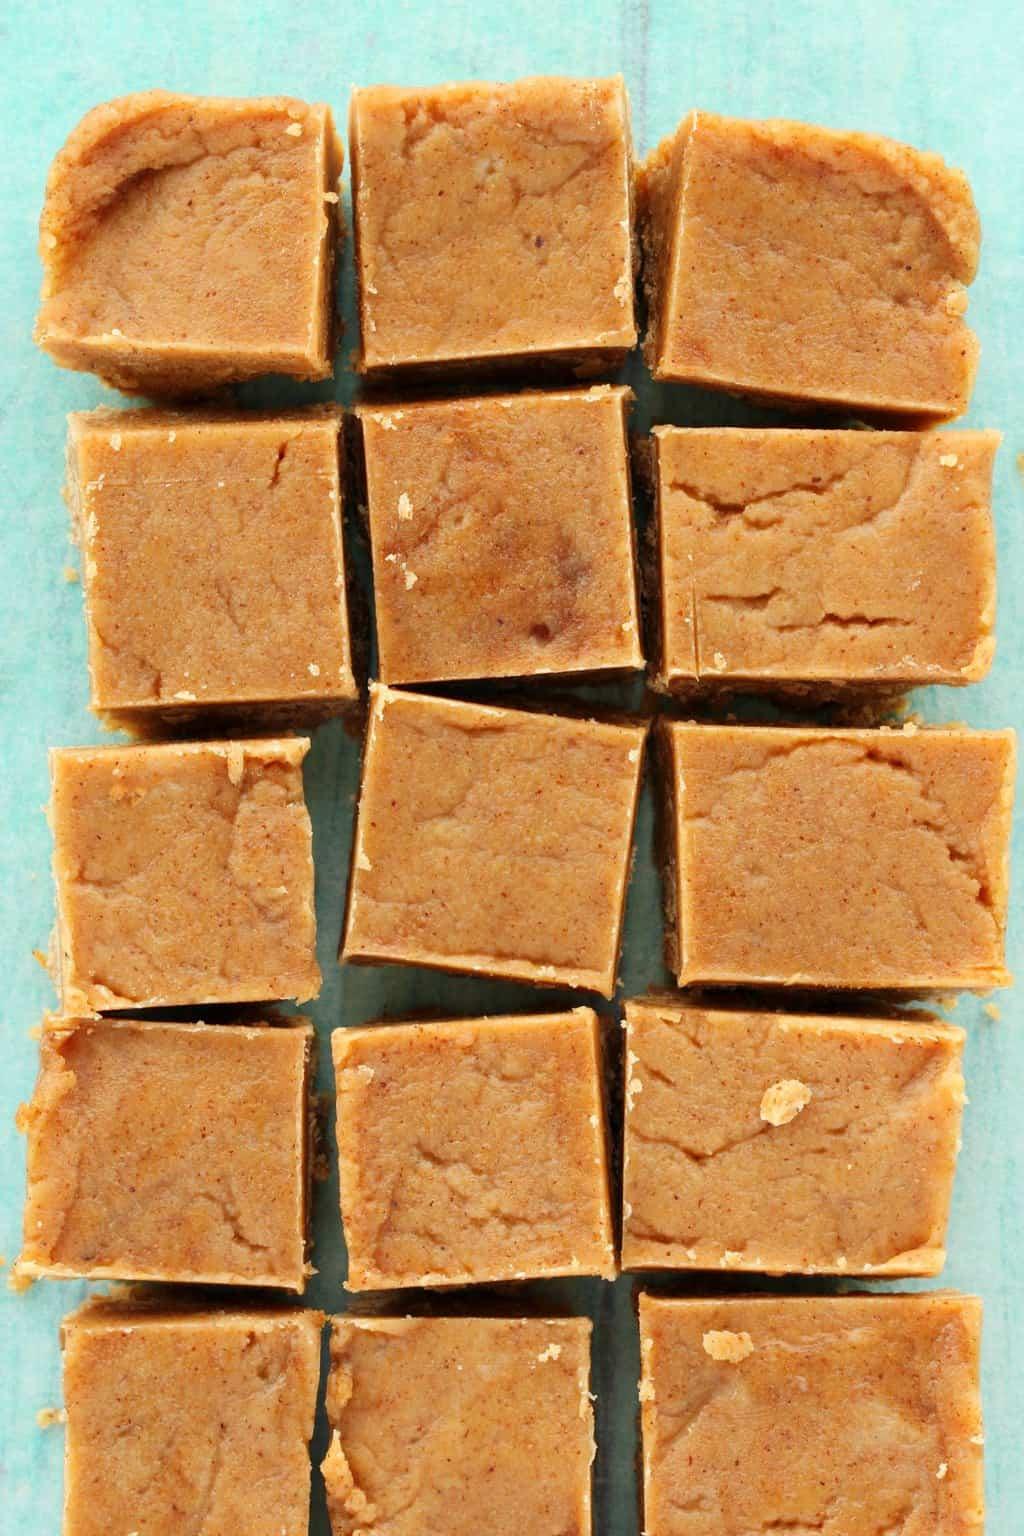 Vegan almond butter fudge cut into squares on parchment paper.